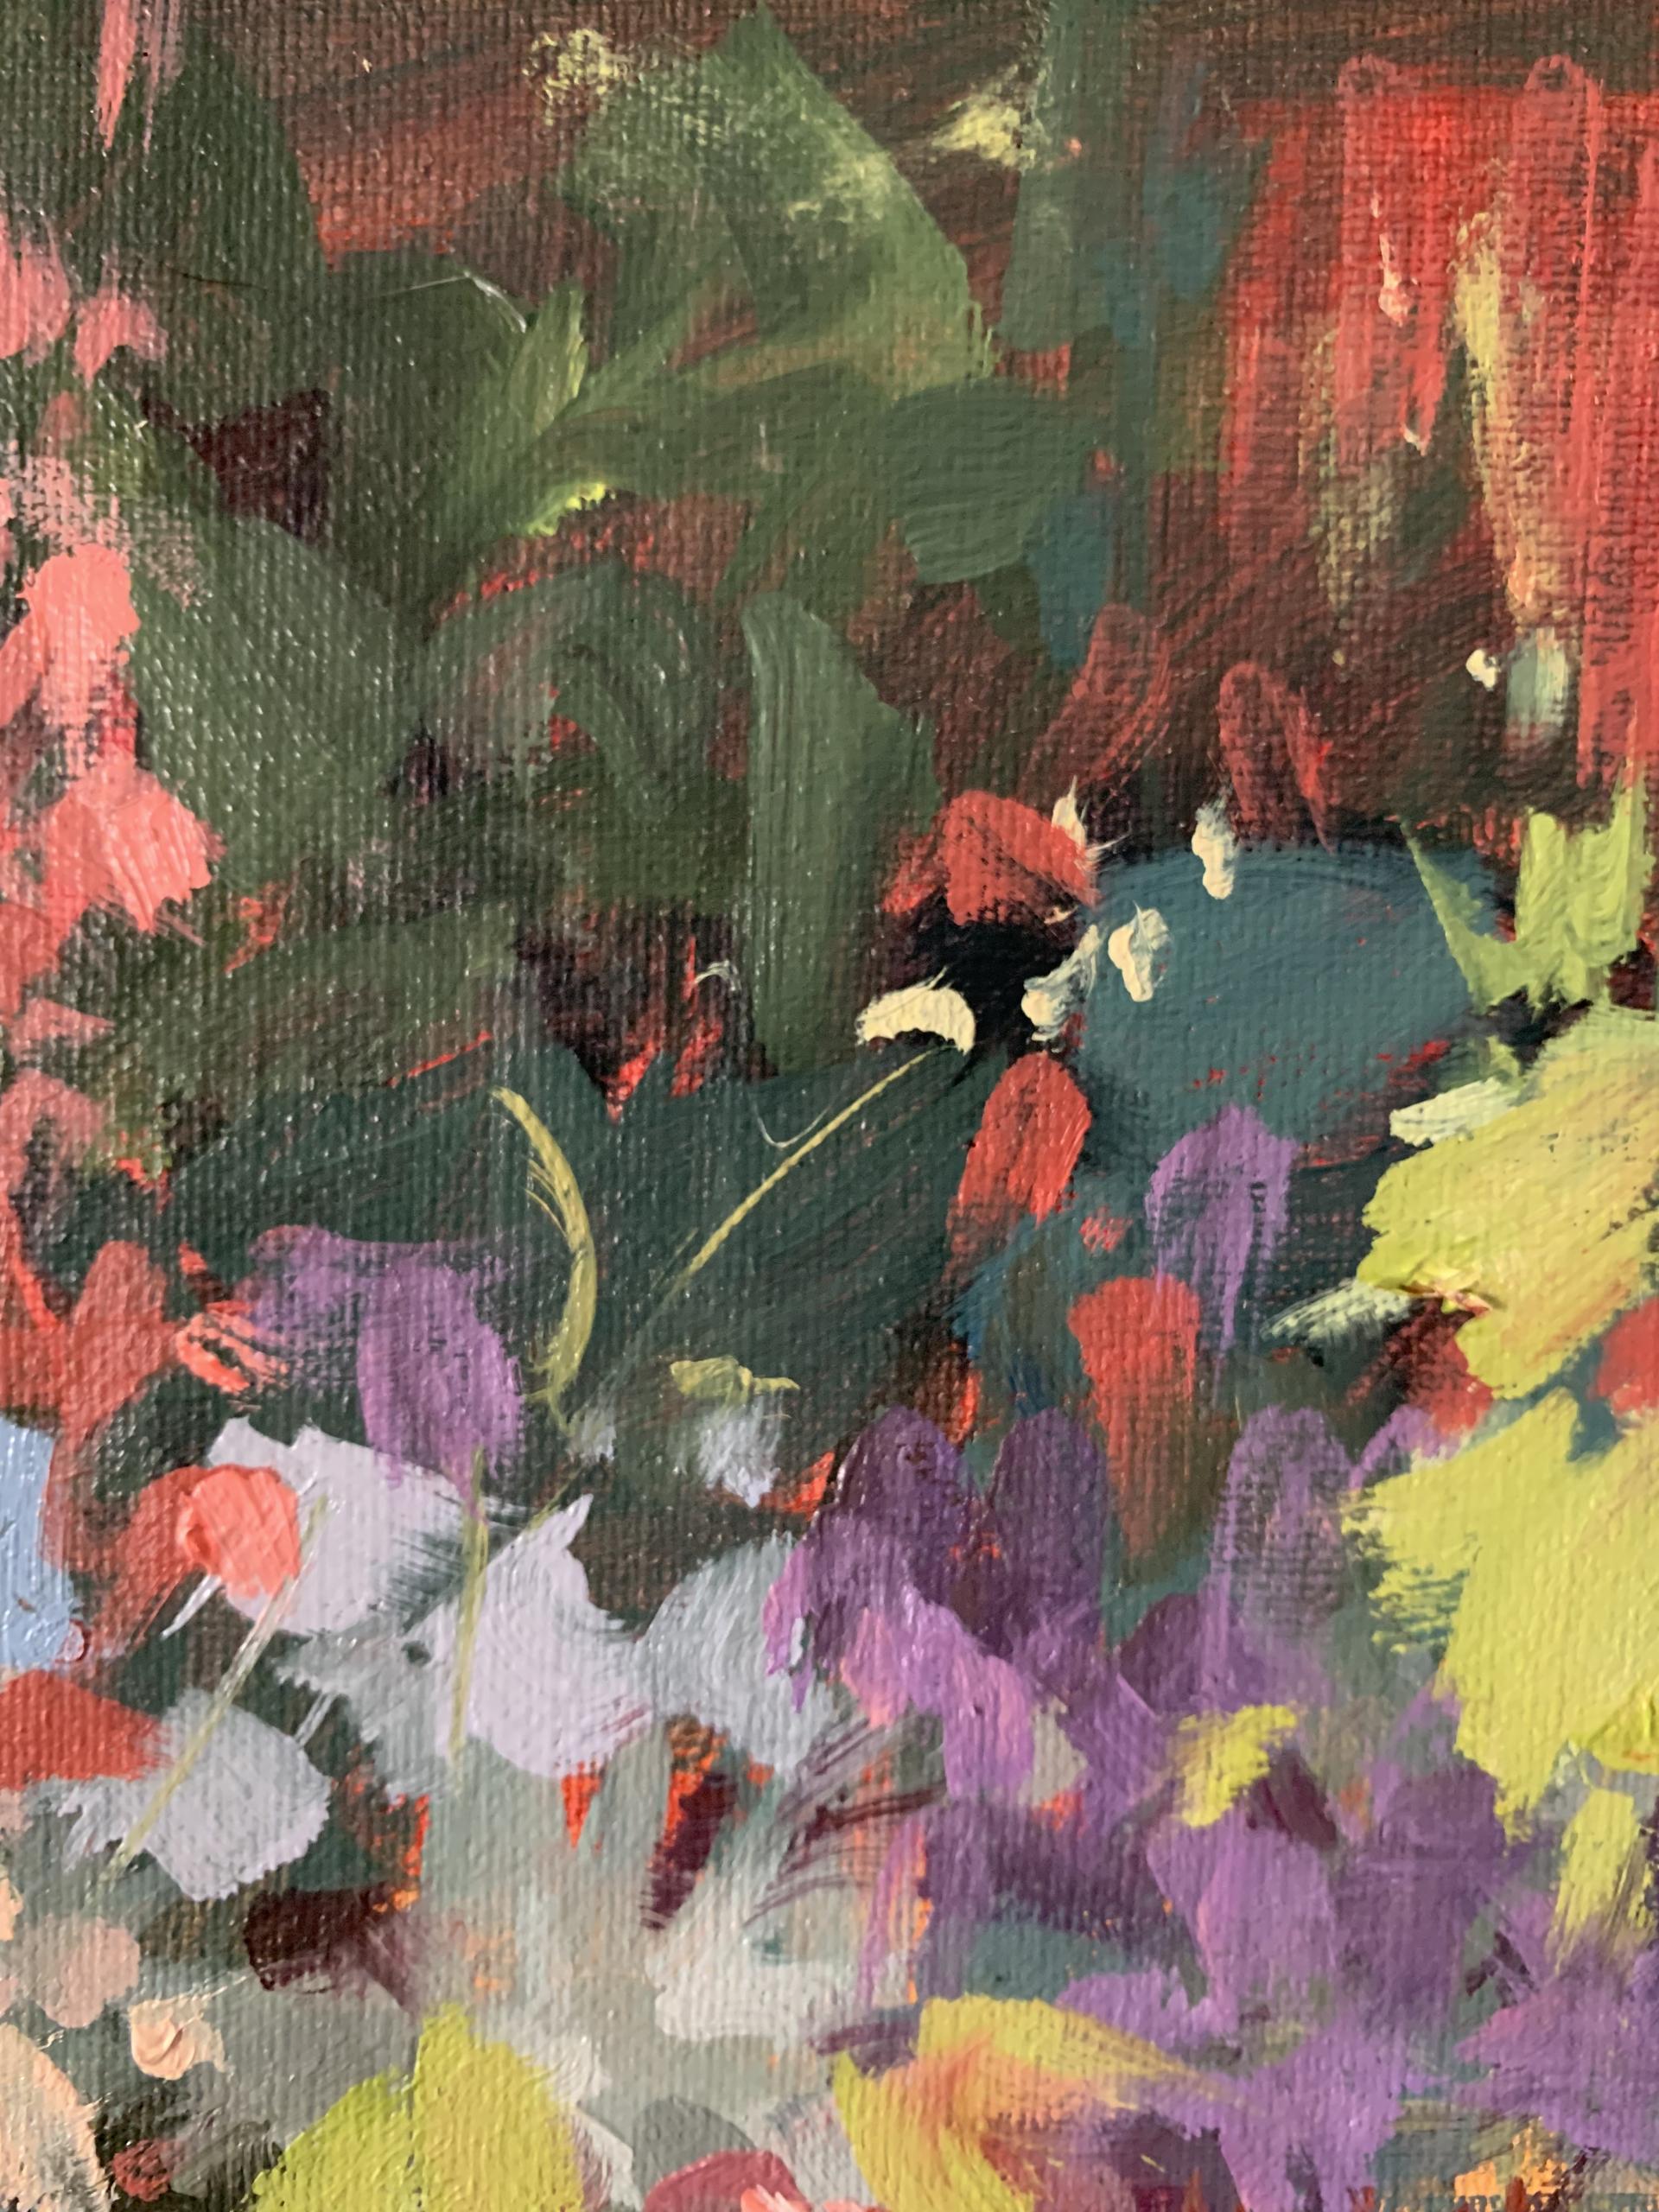 Vineyard Blooms by Marissa Vogl